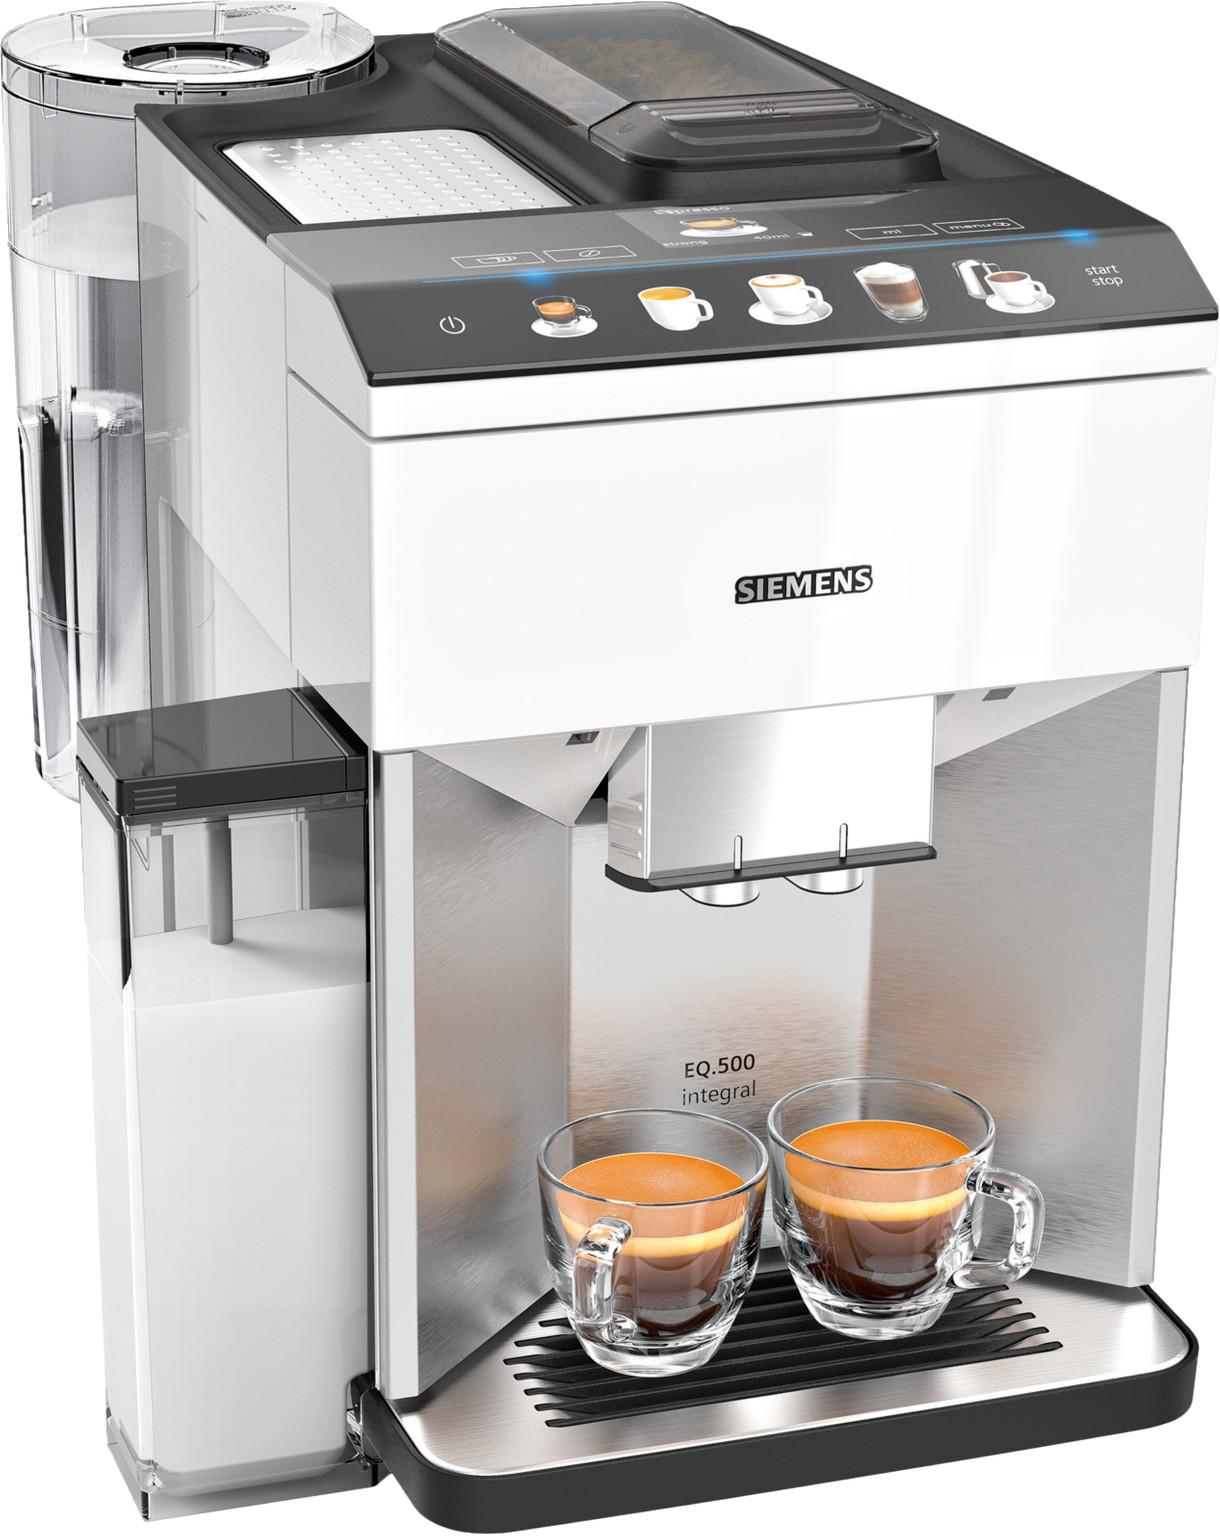 מכונת קפה אוטומטית סימנס SIEMENS TQ507R02